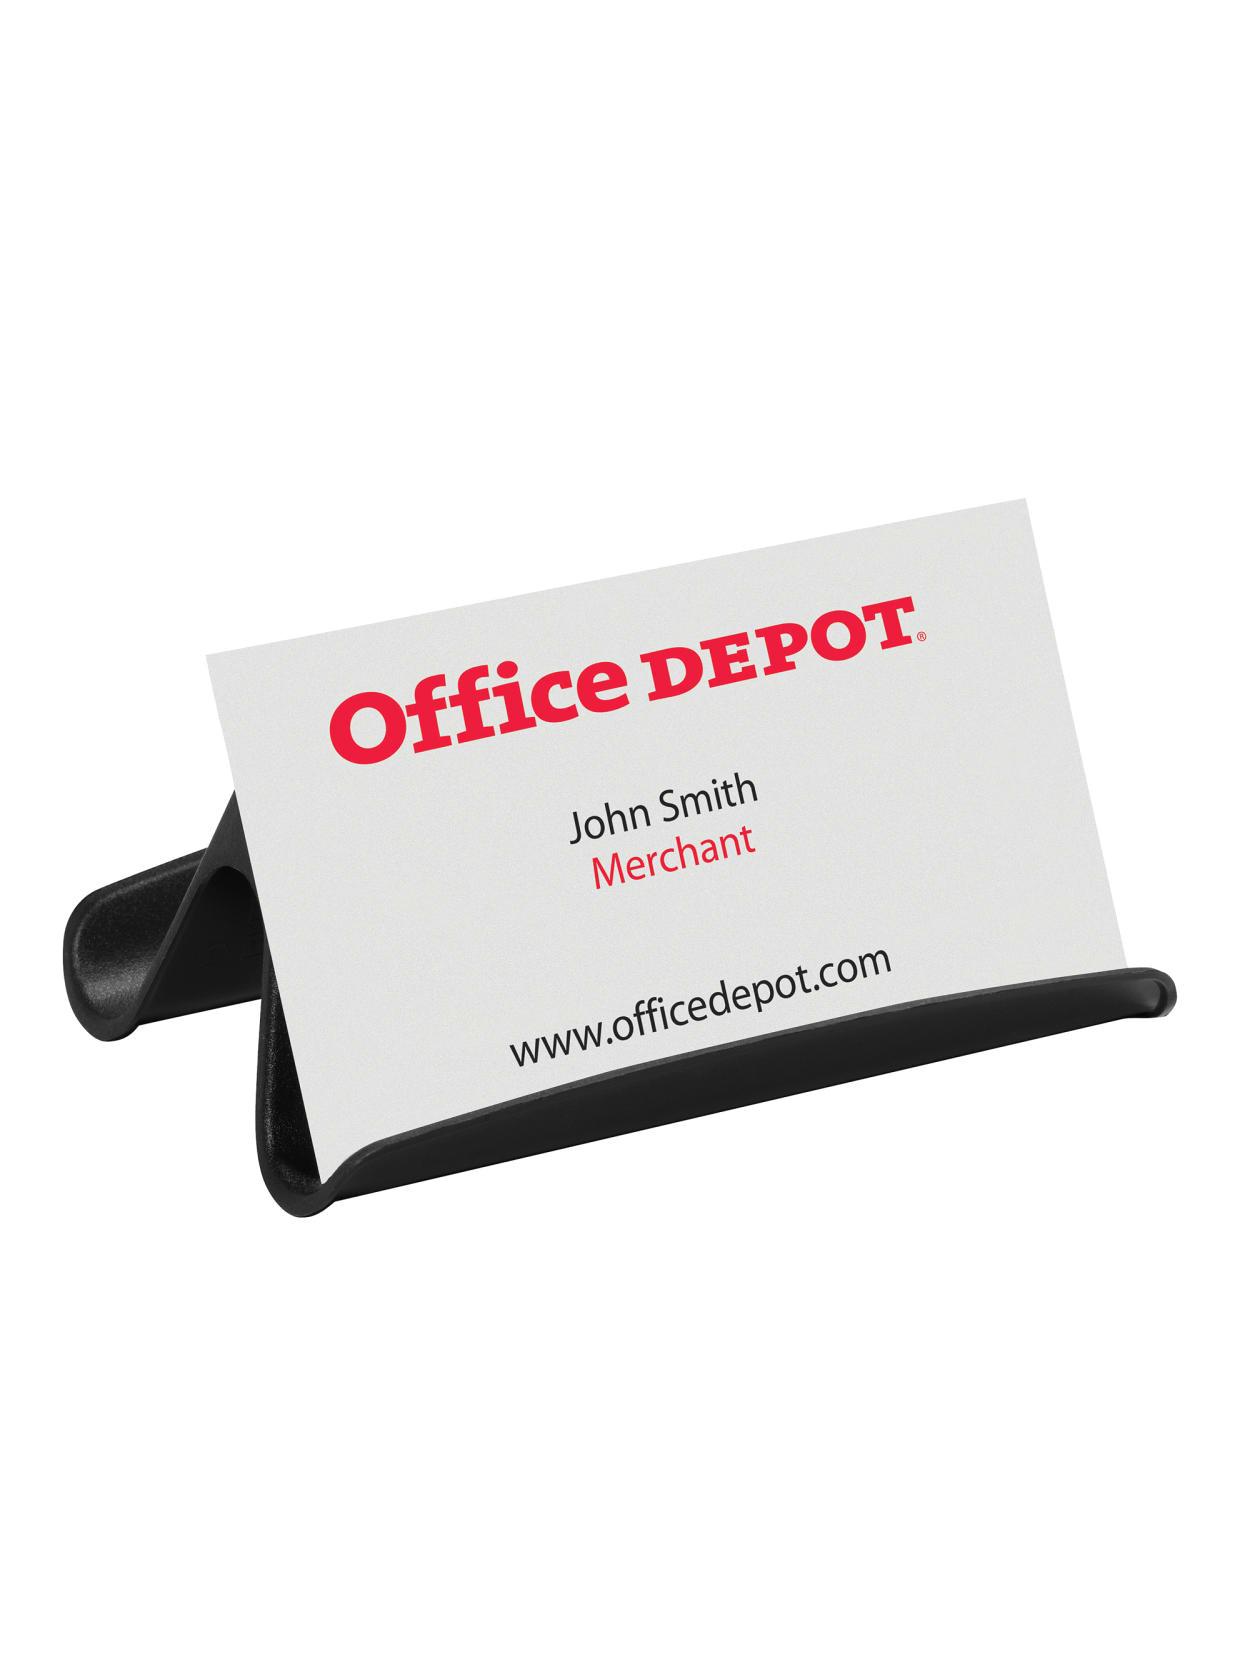 Modern Desktop Business Card Holder Office Depota Brand Business Card Holder Black Item 999063